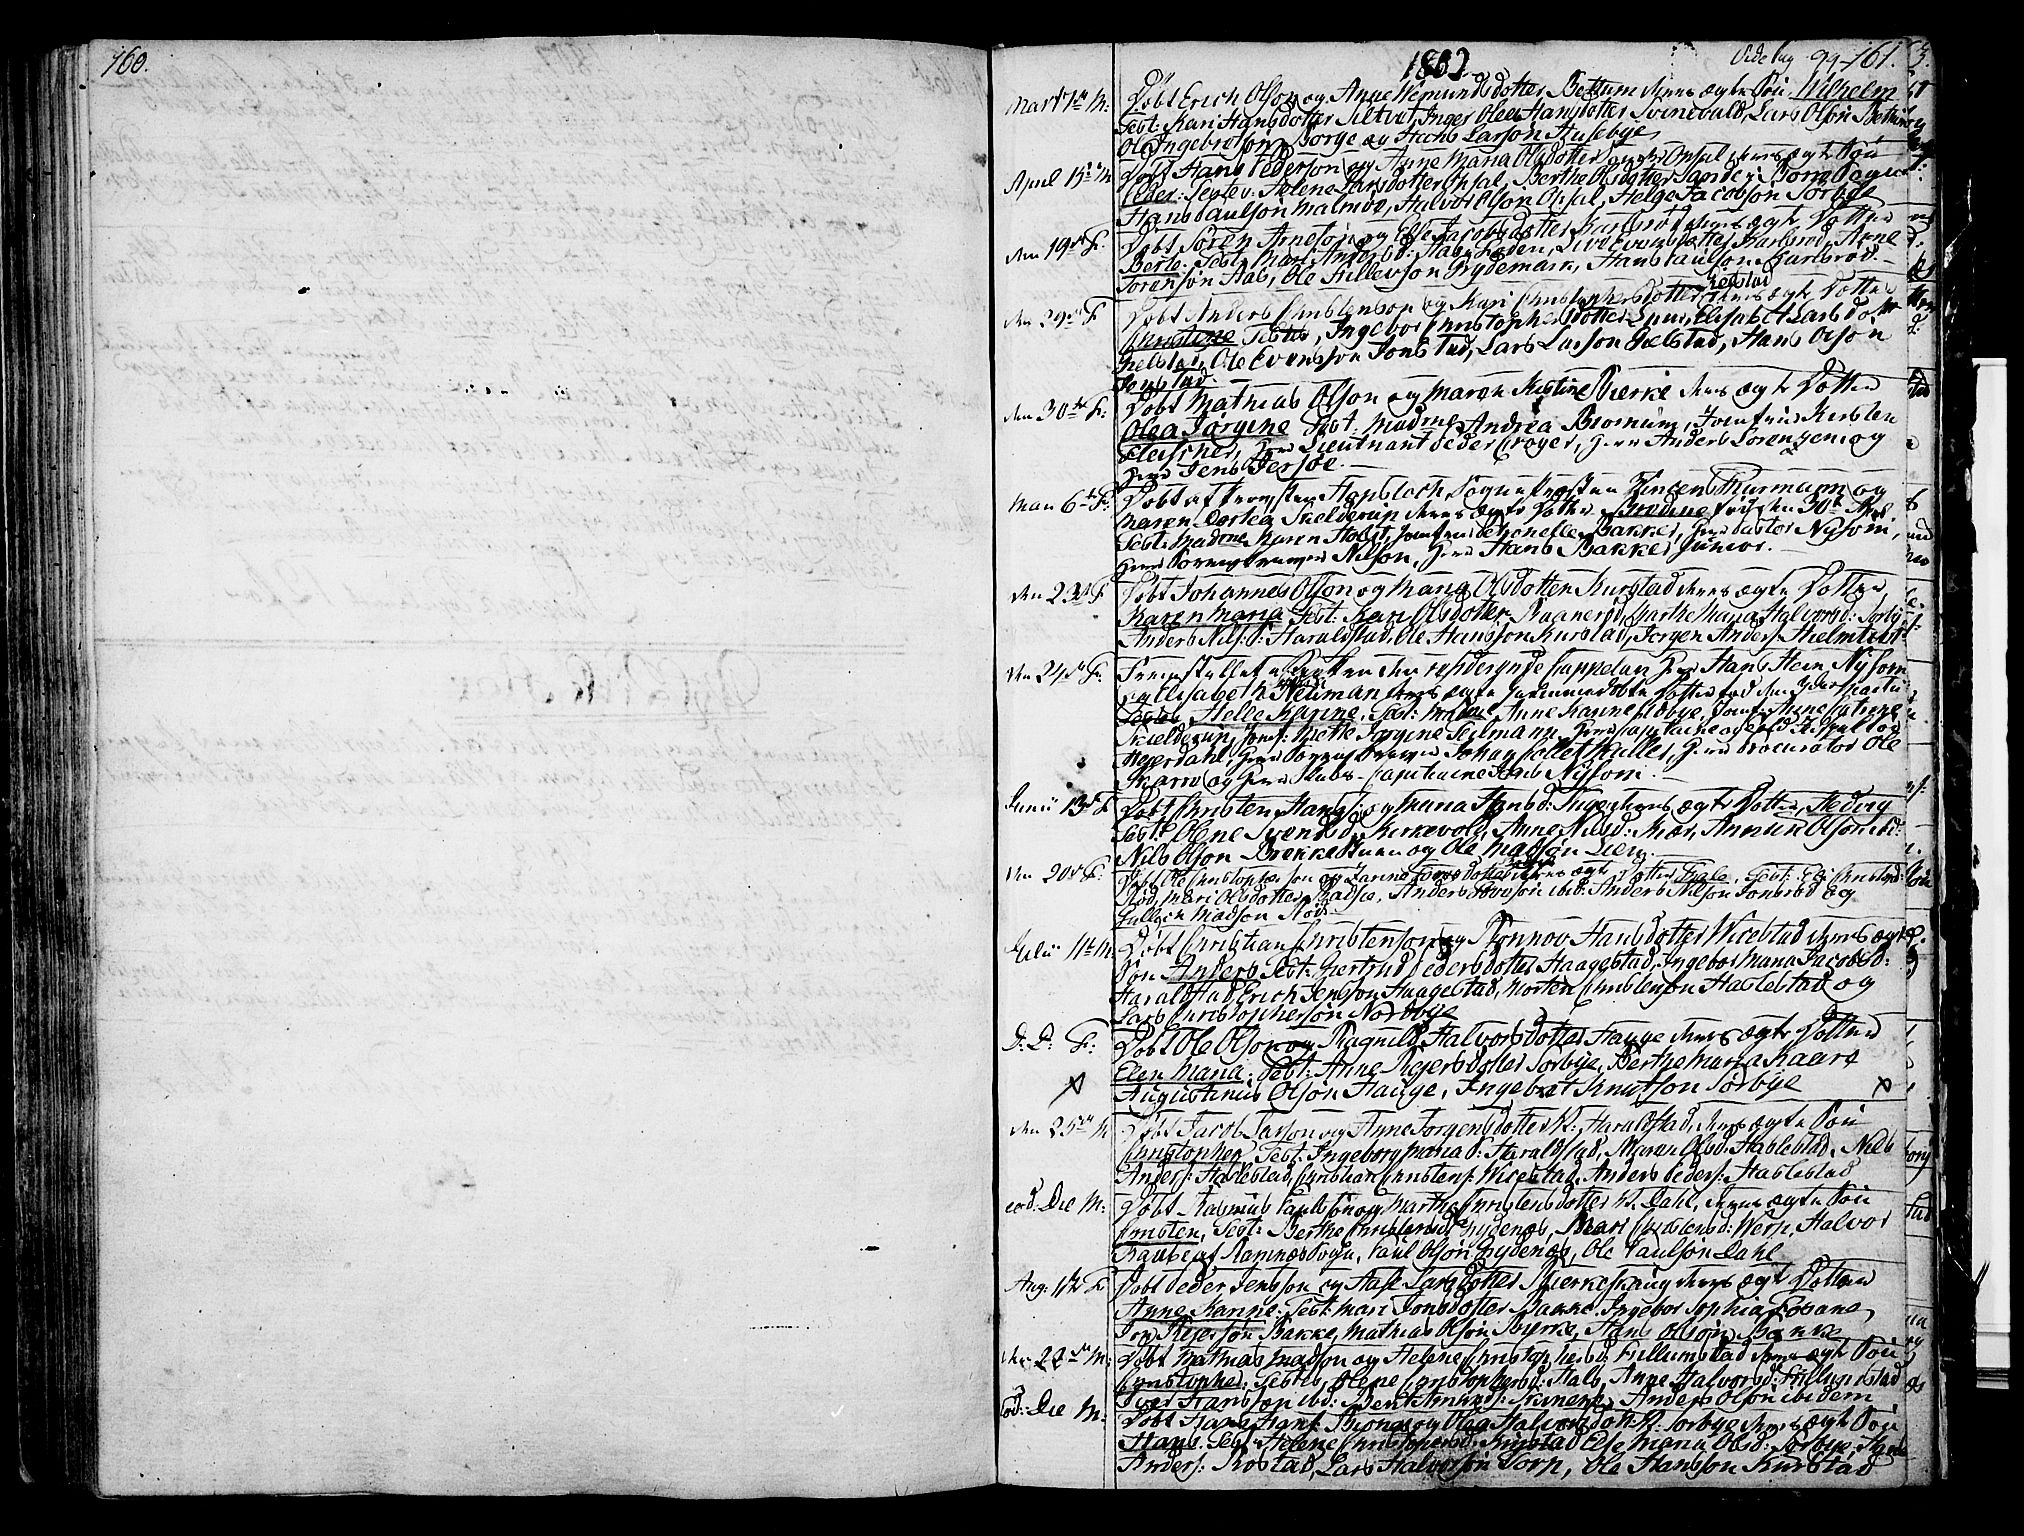 SAKO, Våle kirkebøker, F/Fa/L0005: Ministerialbok nr. I 5, 1773-1808, s. 160-161